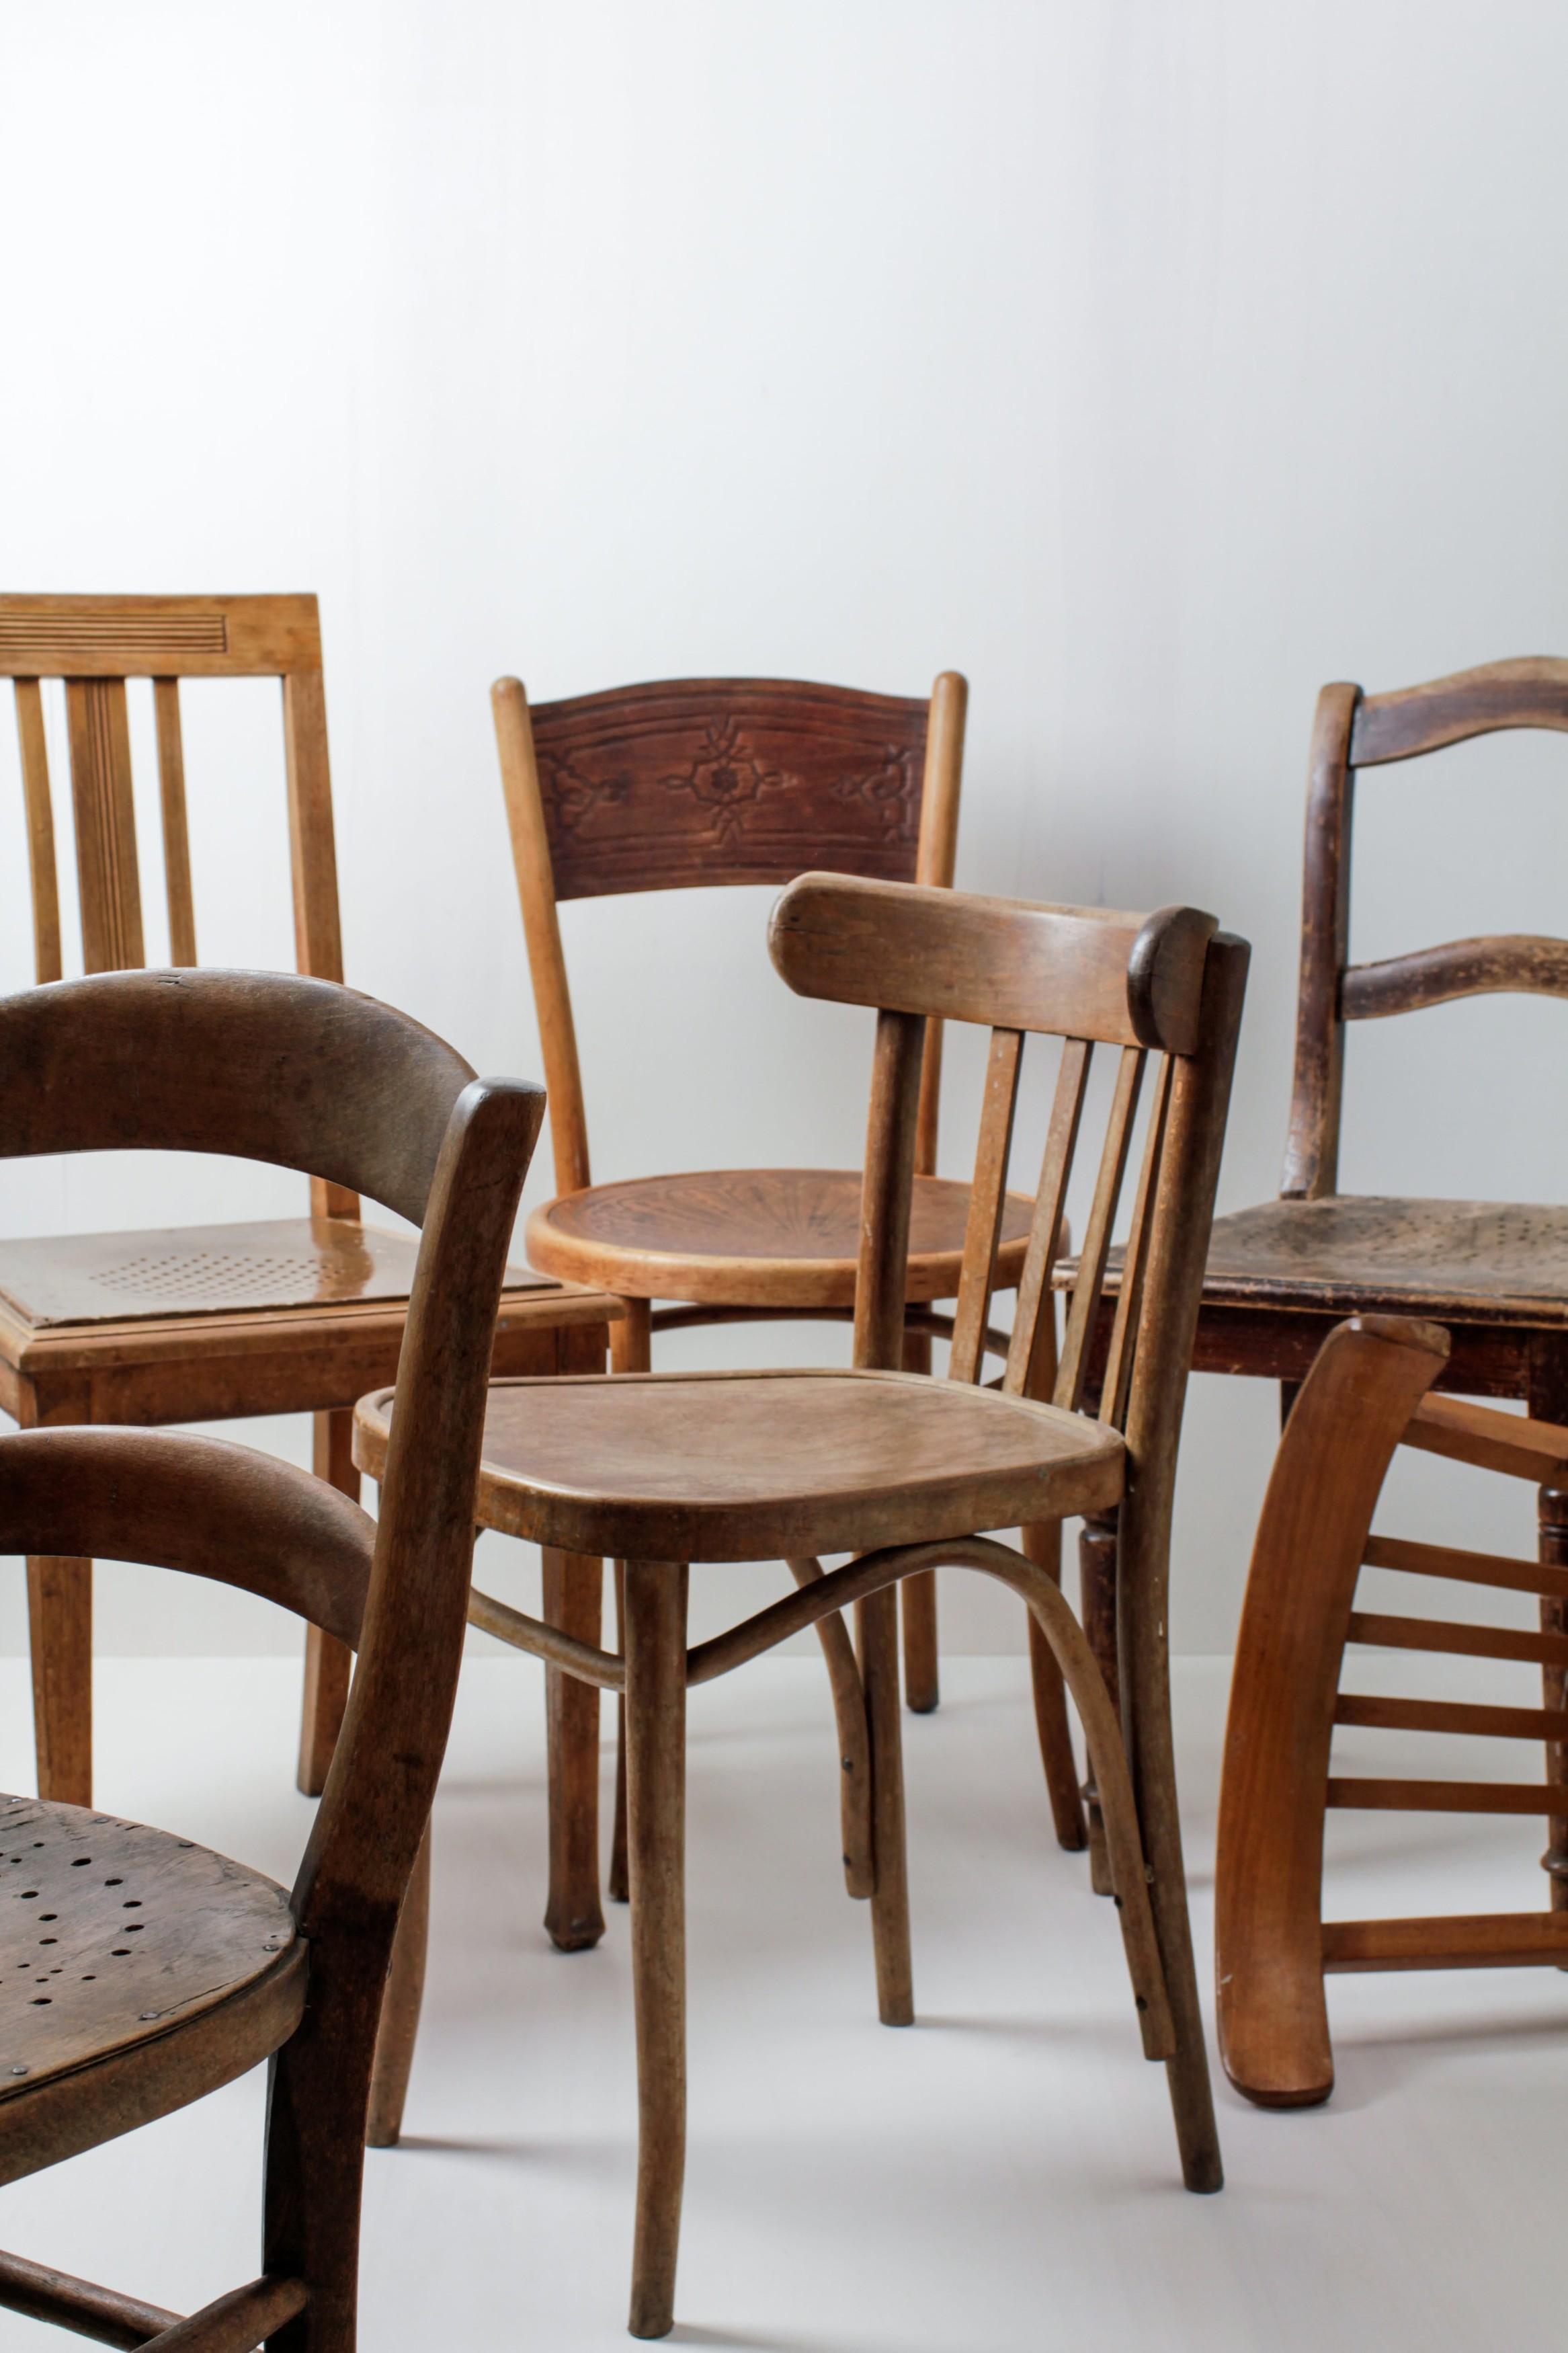 Stühle mieten, Hochzeiten und Events.